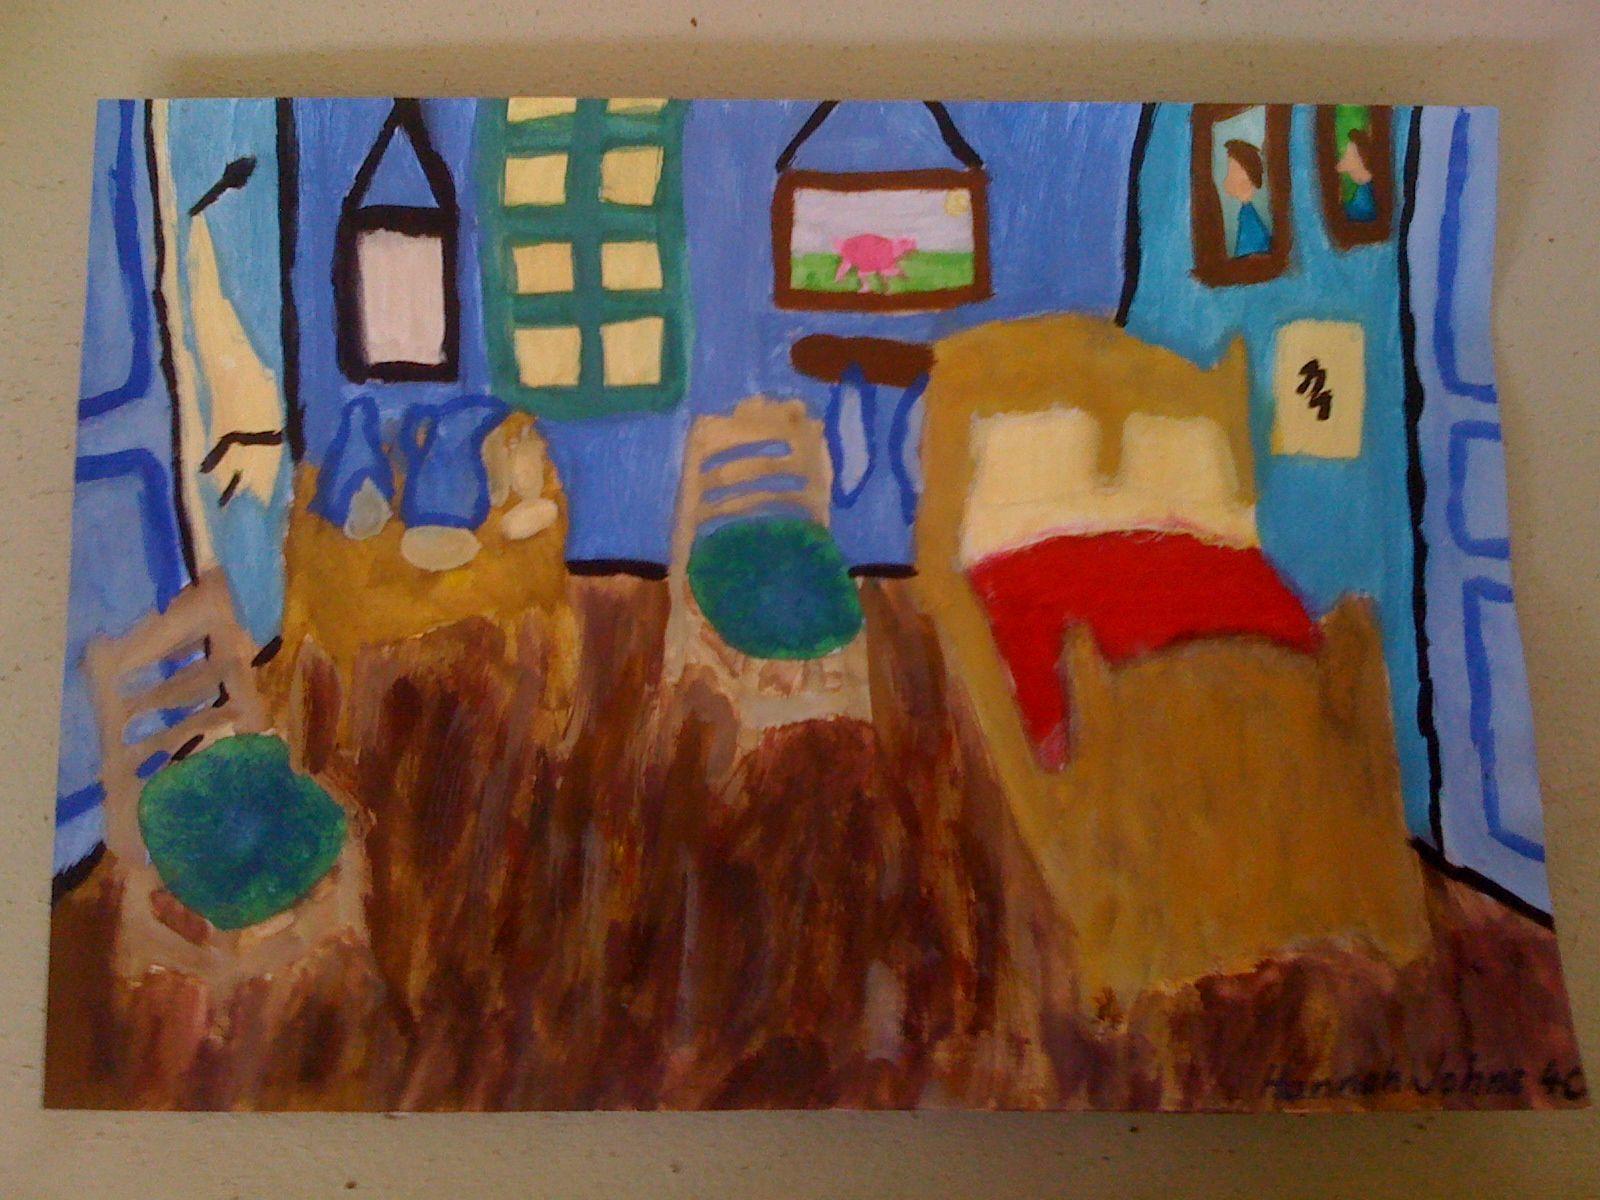 Van Gogh's Bedroom Year 4 class (With images) Art, Van